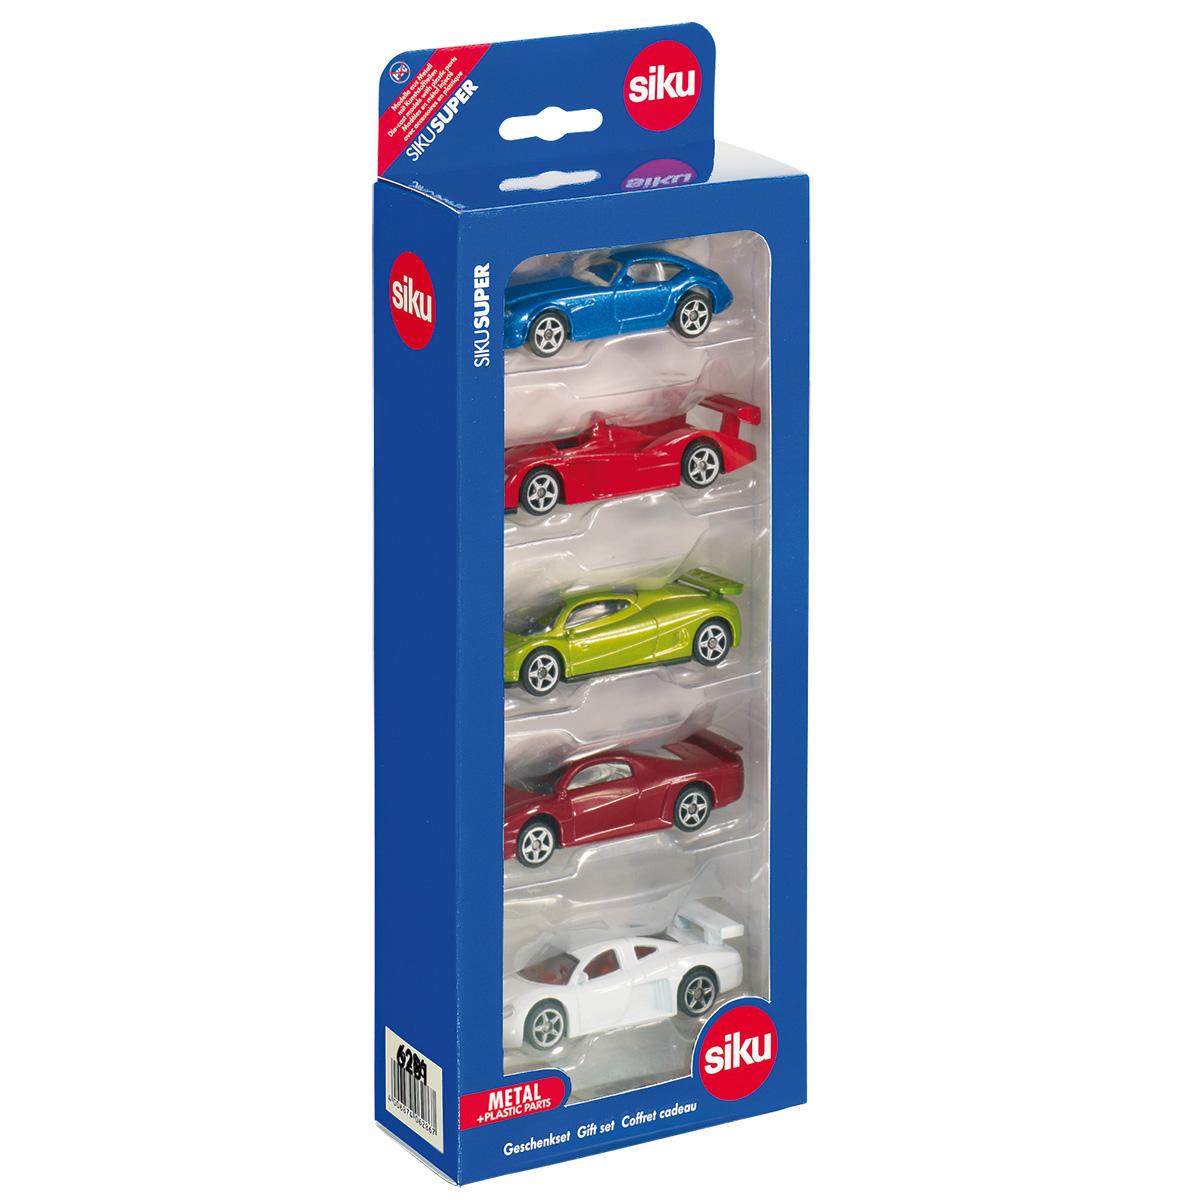 ギフトセット2 スポーツカー(ジク・SIKU)